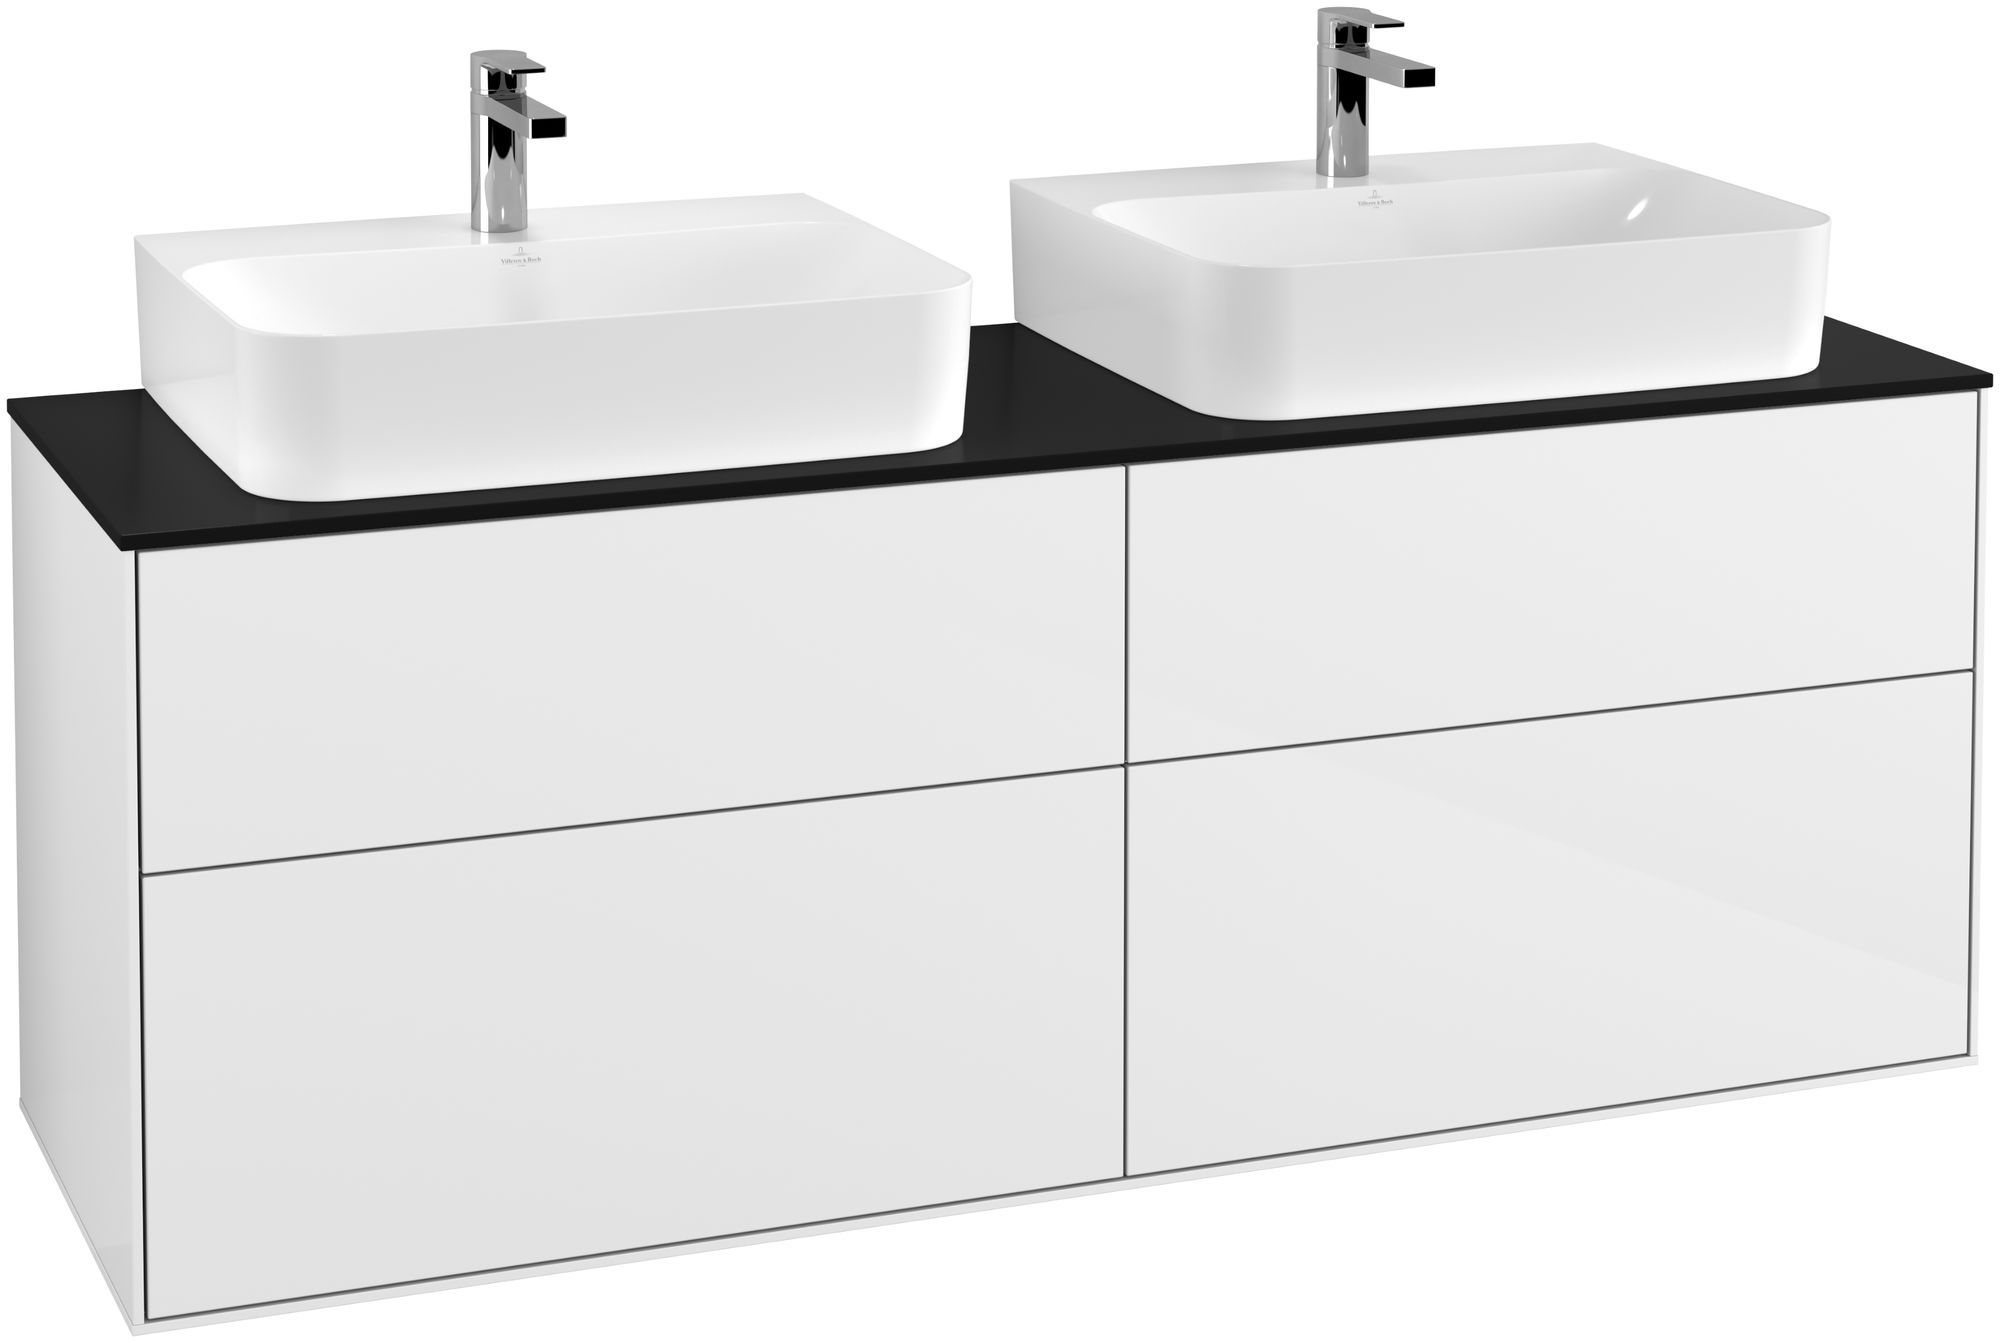 Villeroy & Boch Finion F18 Waschtischunterschrank 4 Auszüge B:160xH:60,3xT:50,1cm Front, Korpus: Glossy White Lack, Glasplatte: Black Matt F18200GF